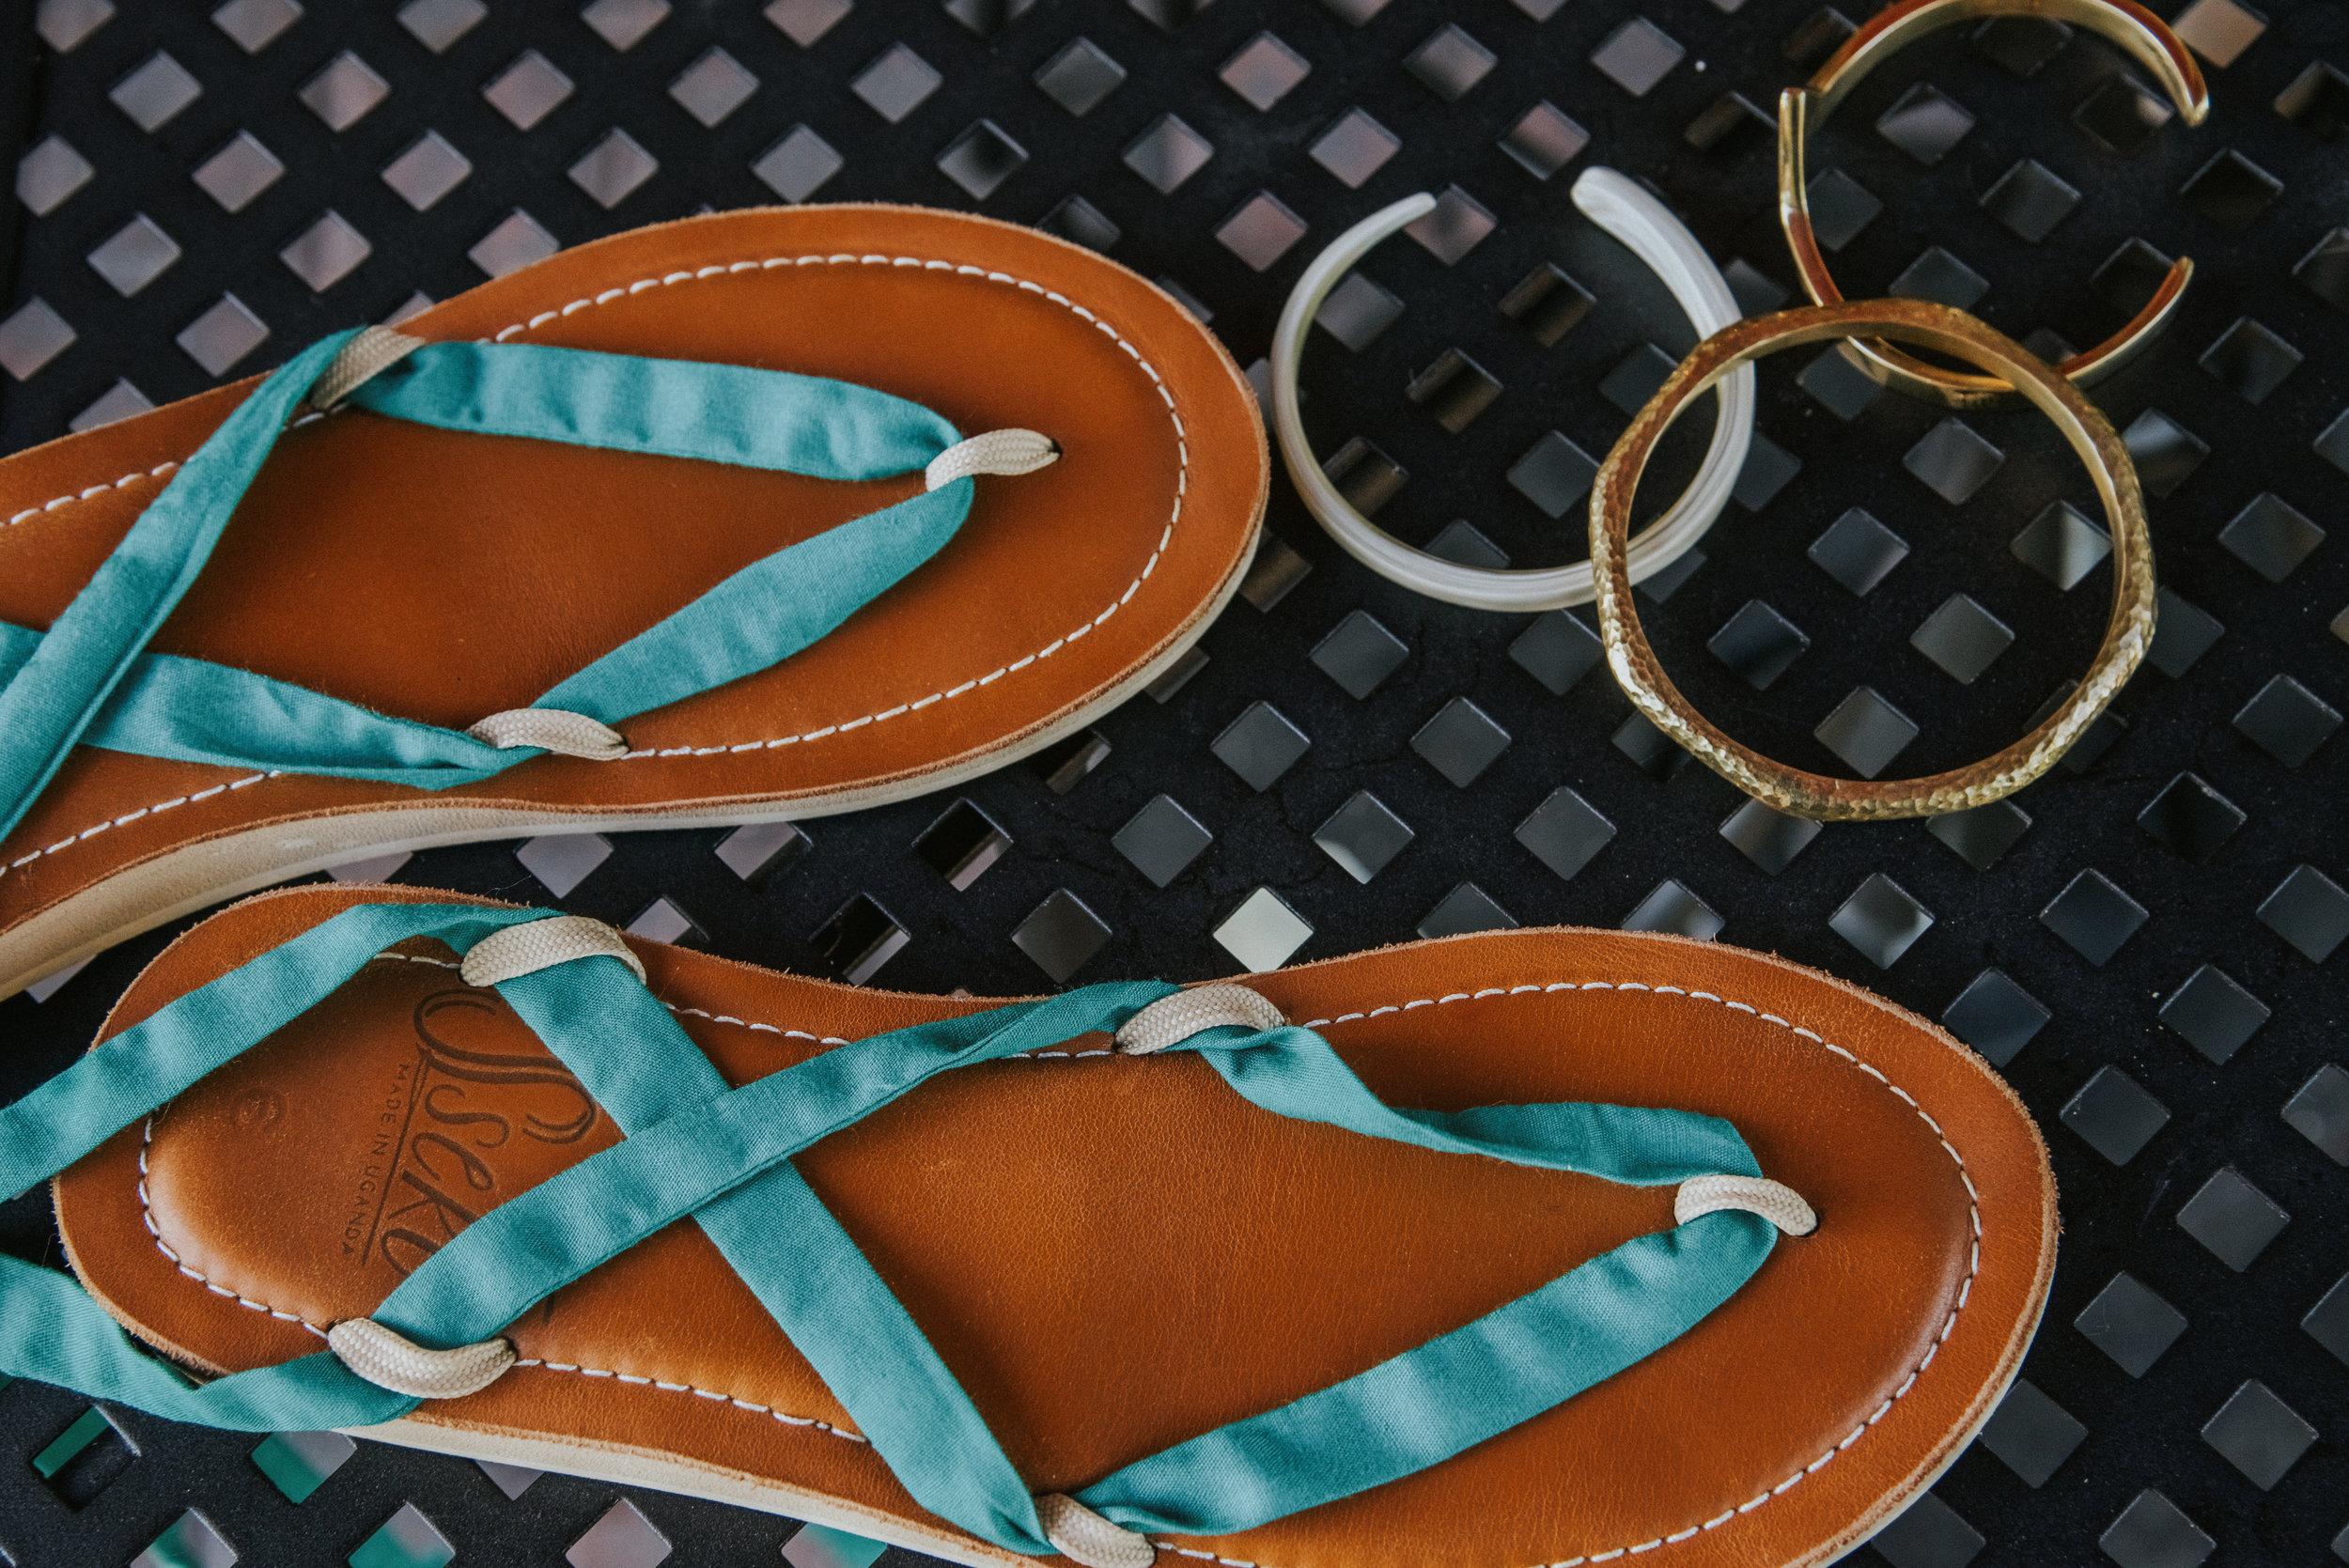 sandles and braclets.jpg